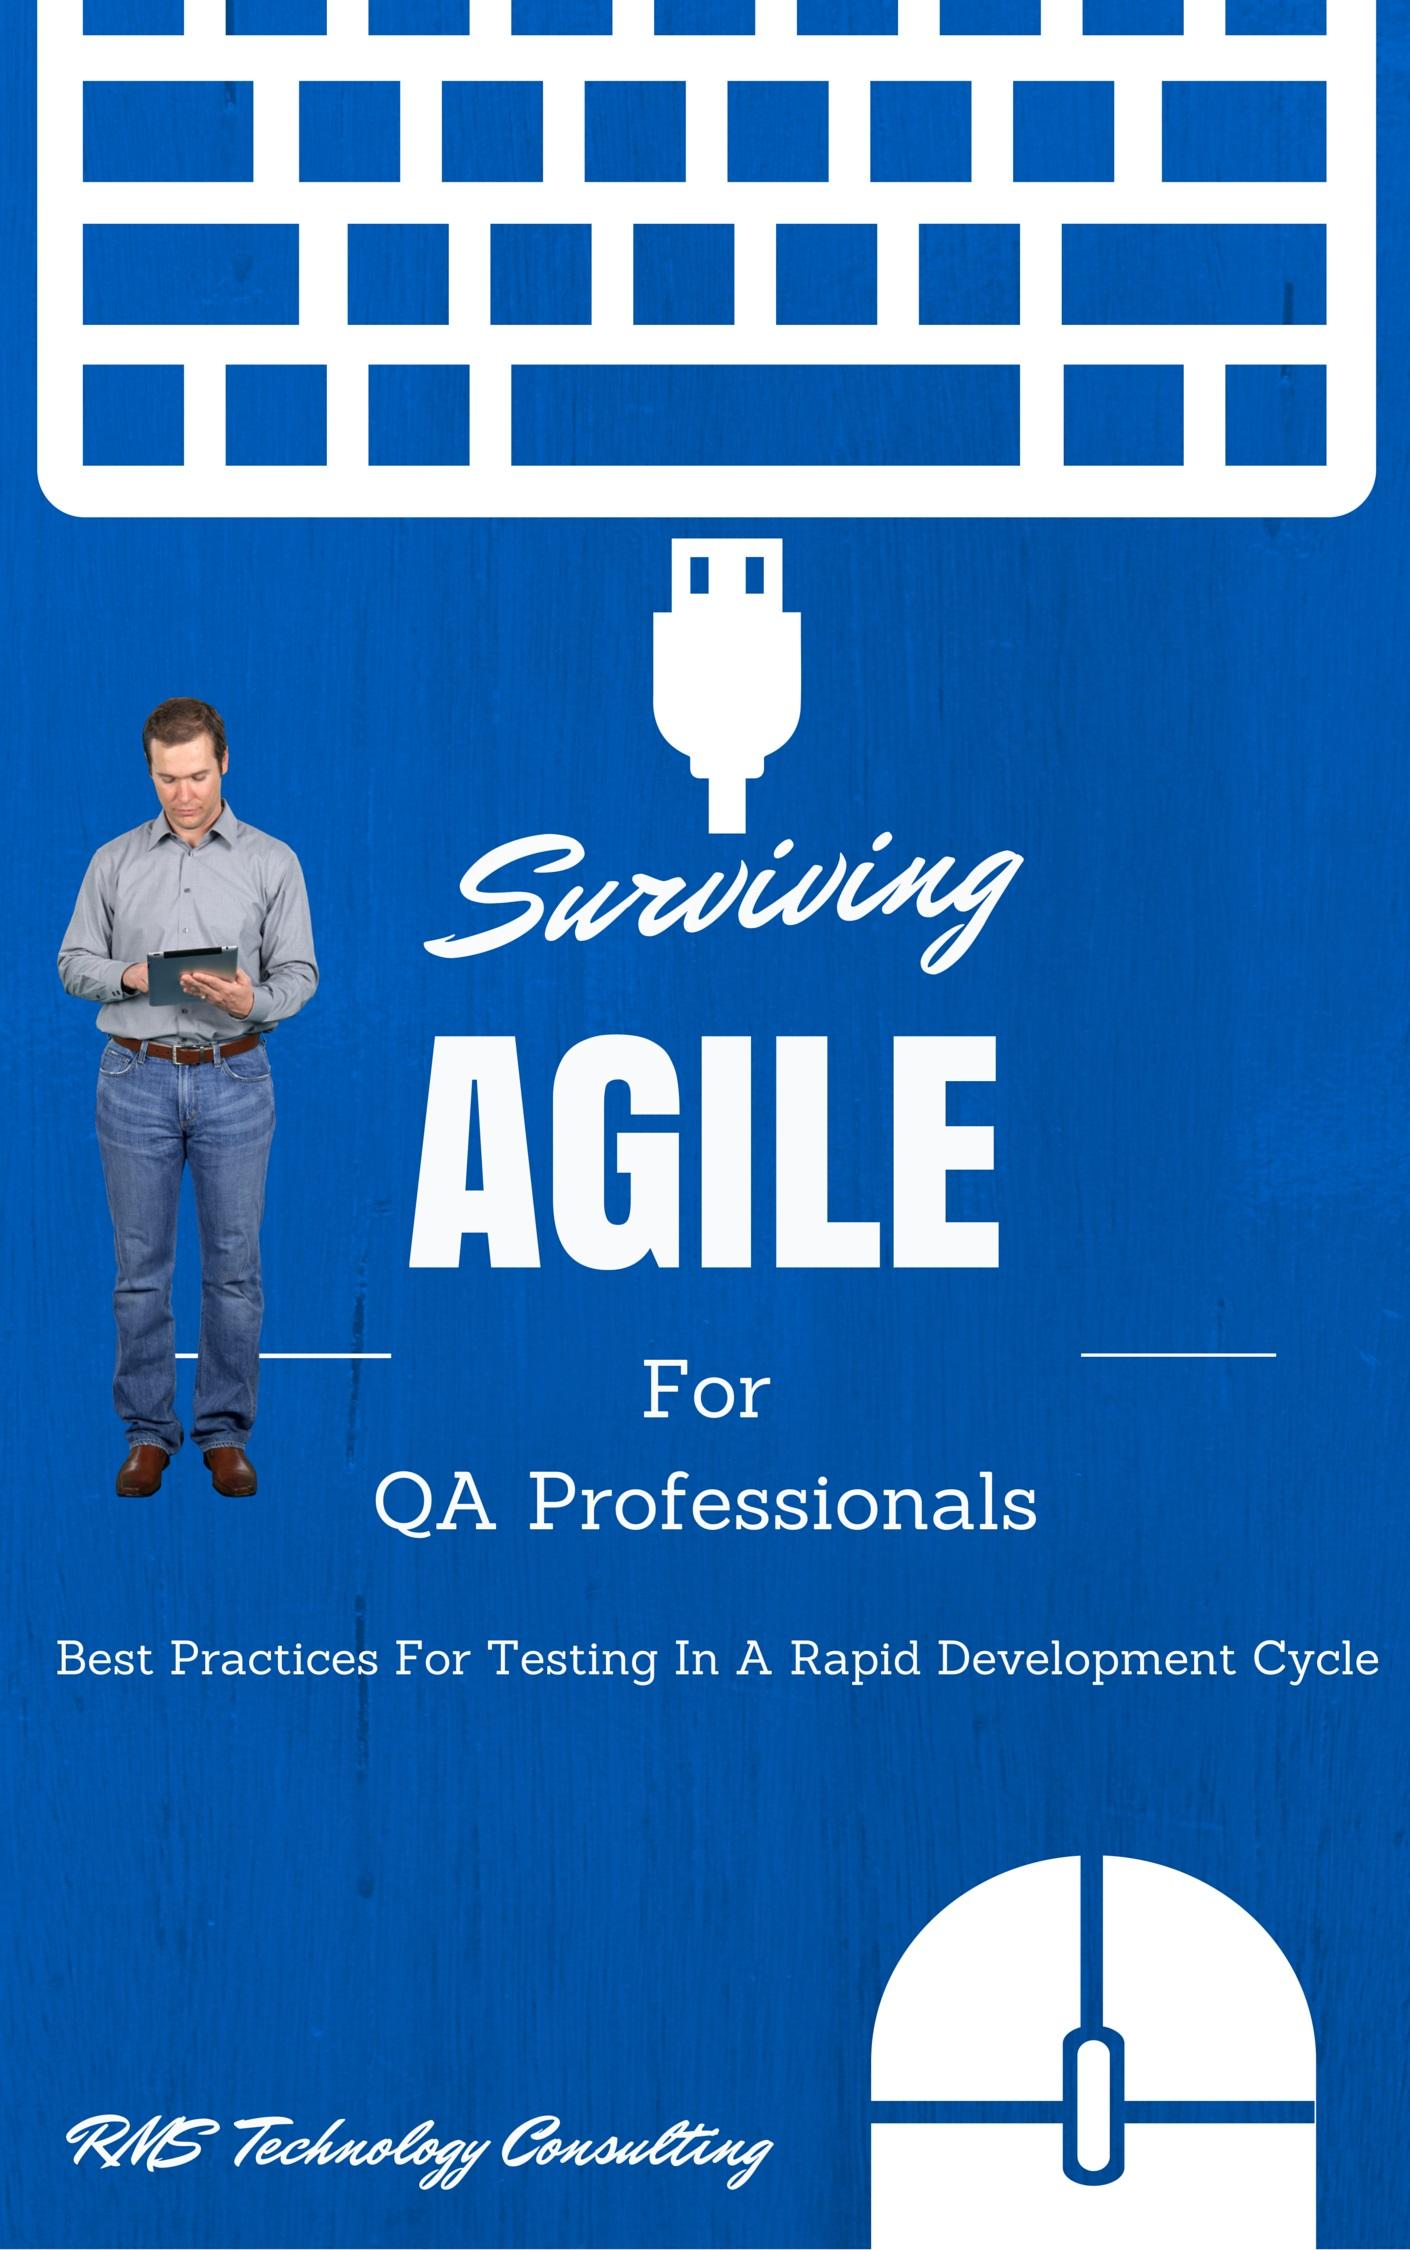 Agile QA